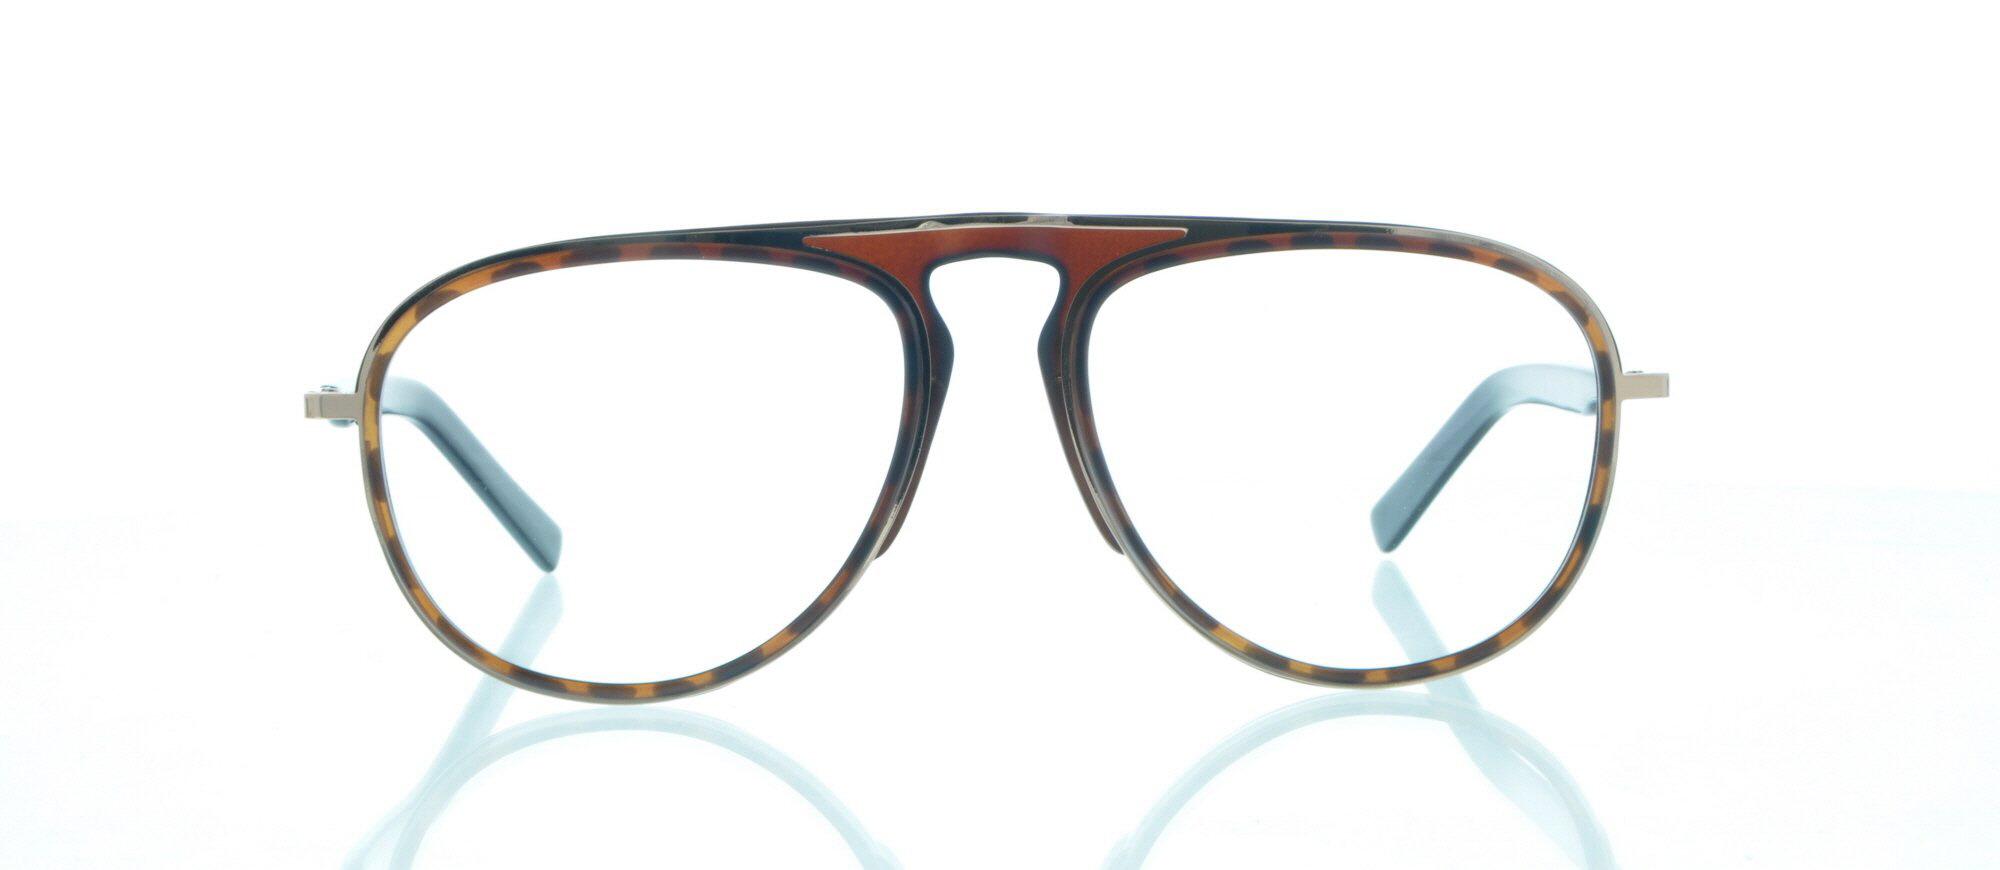 1A-sehen.de Brille 1A-sehen.de 1201 C1 havanna/roségold 0q2ZCDxL